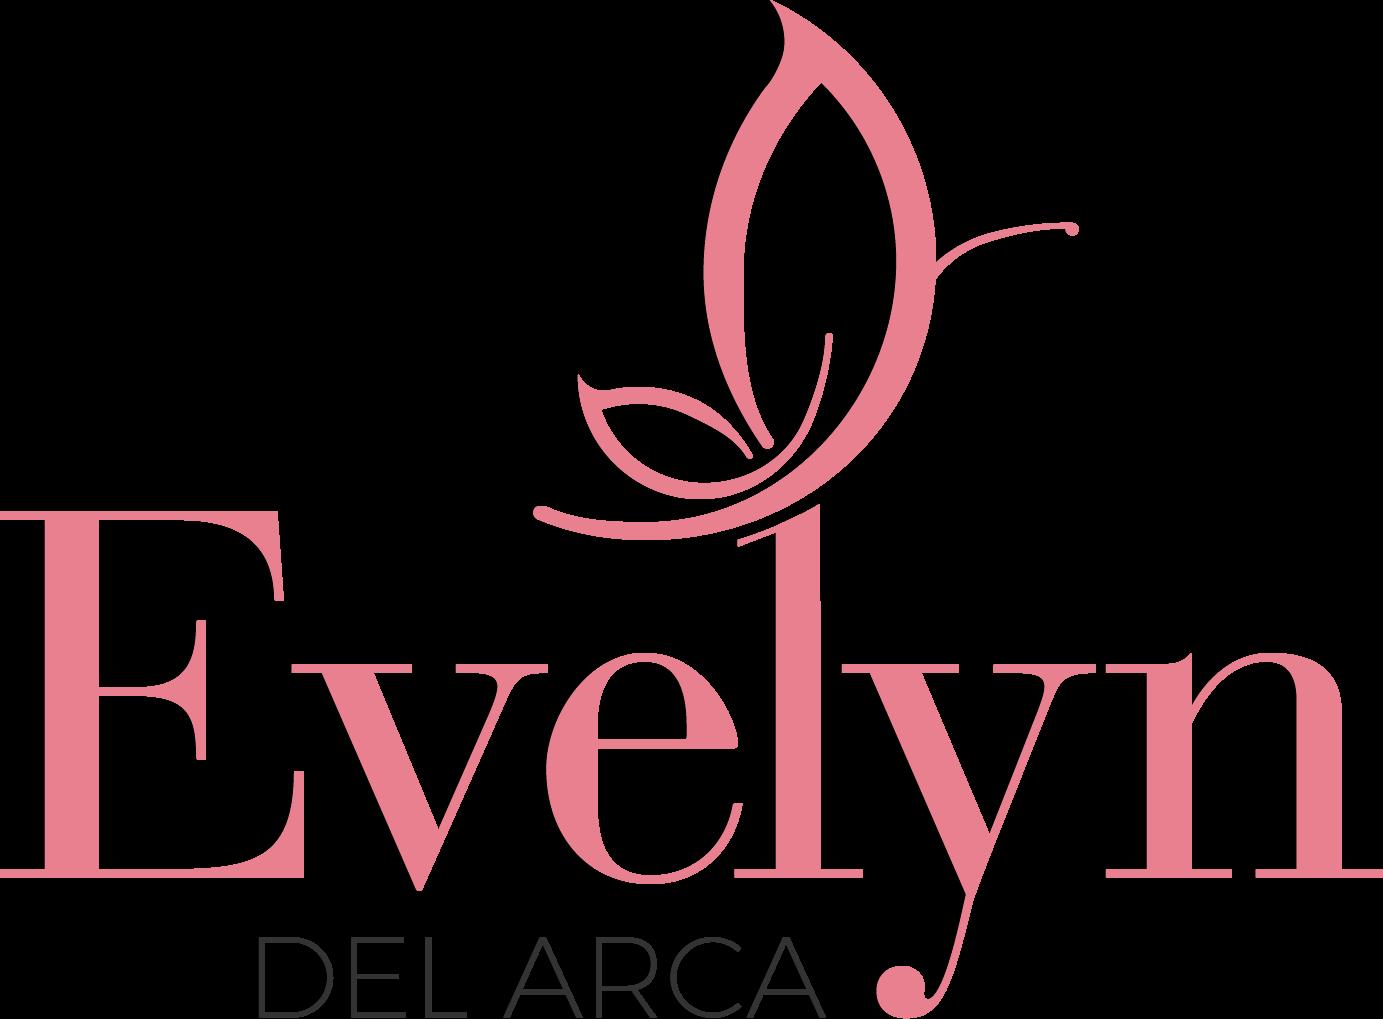 Evelyn del Arca